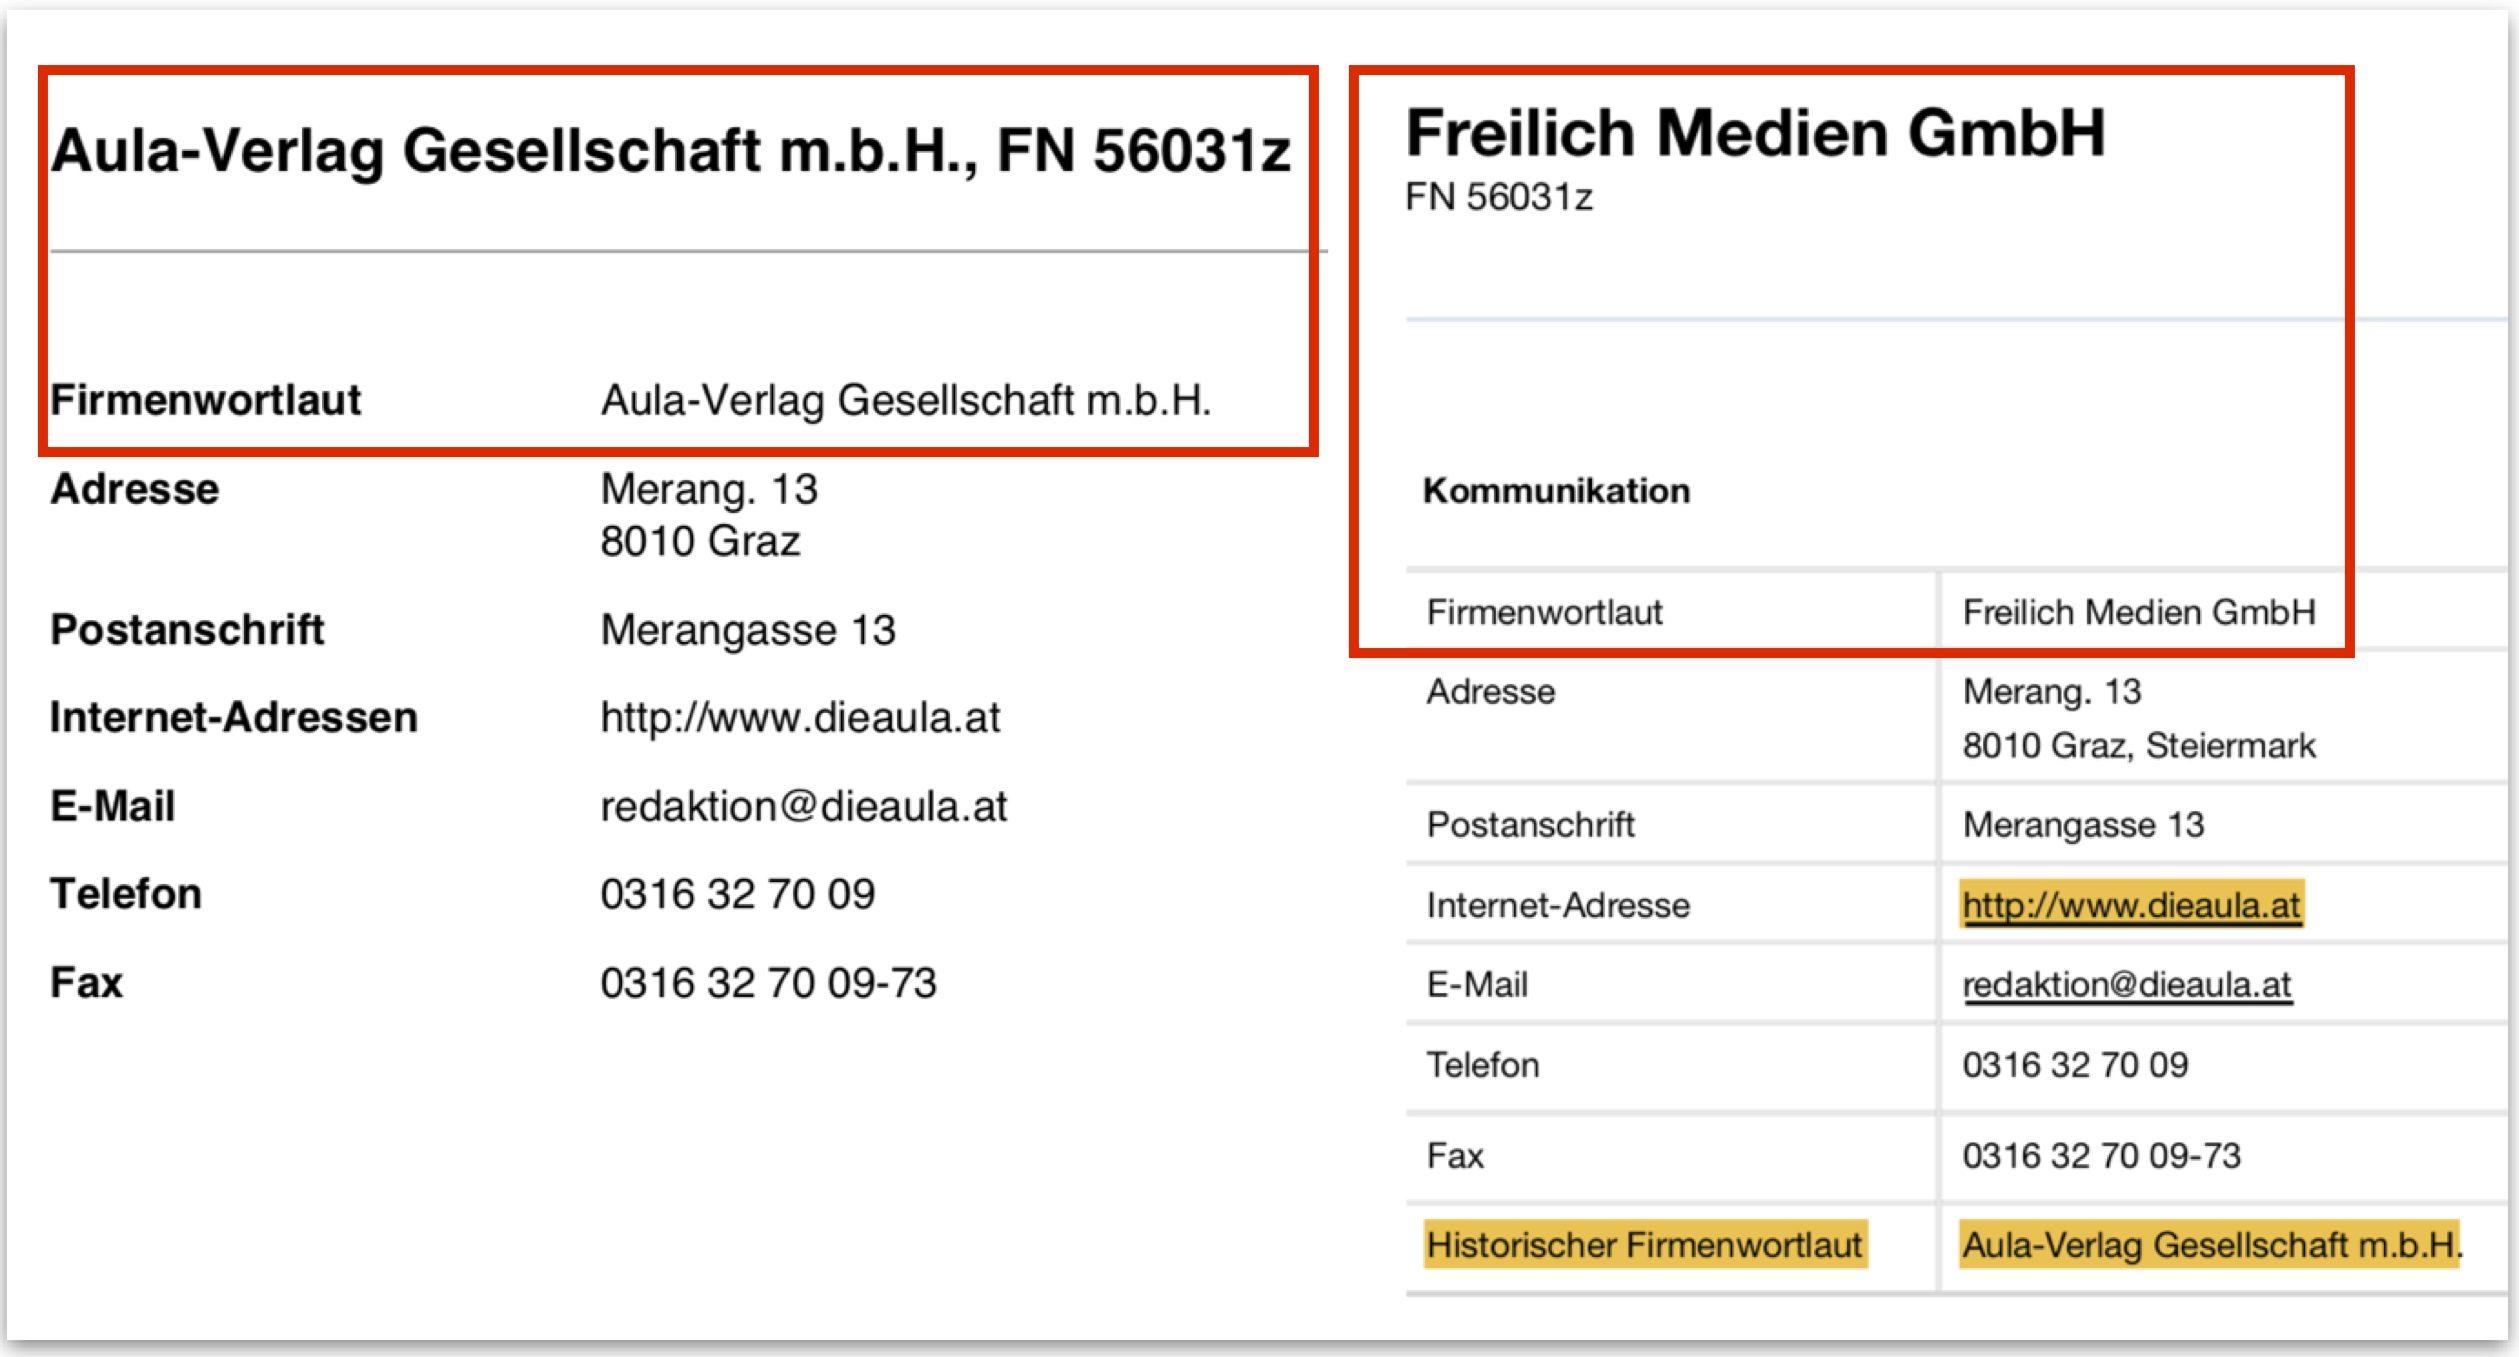 aus Aula-Verlag GmbH wurde Freilich Medien GmbH